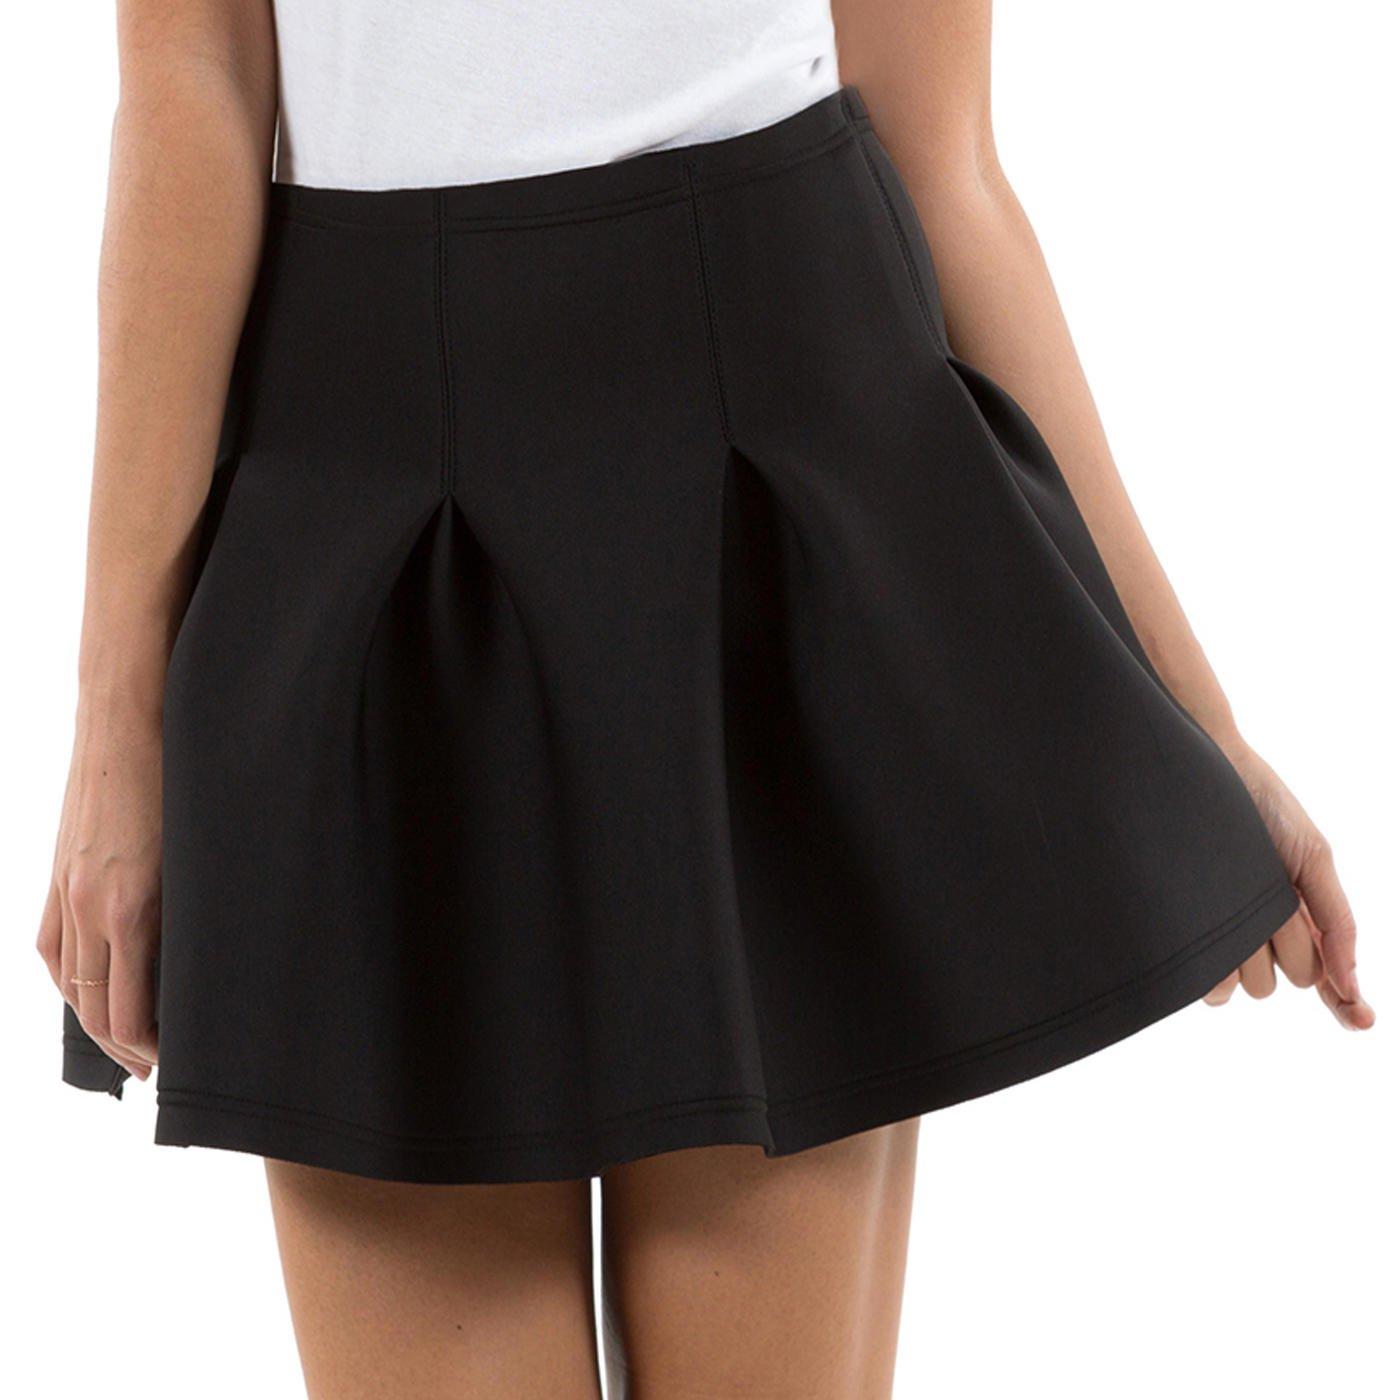 Collant noir jupe noire